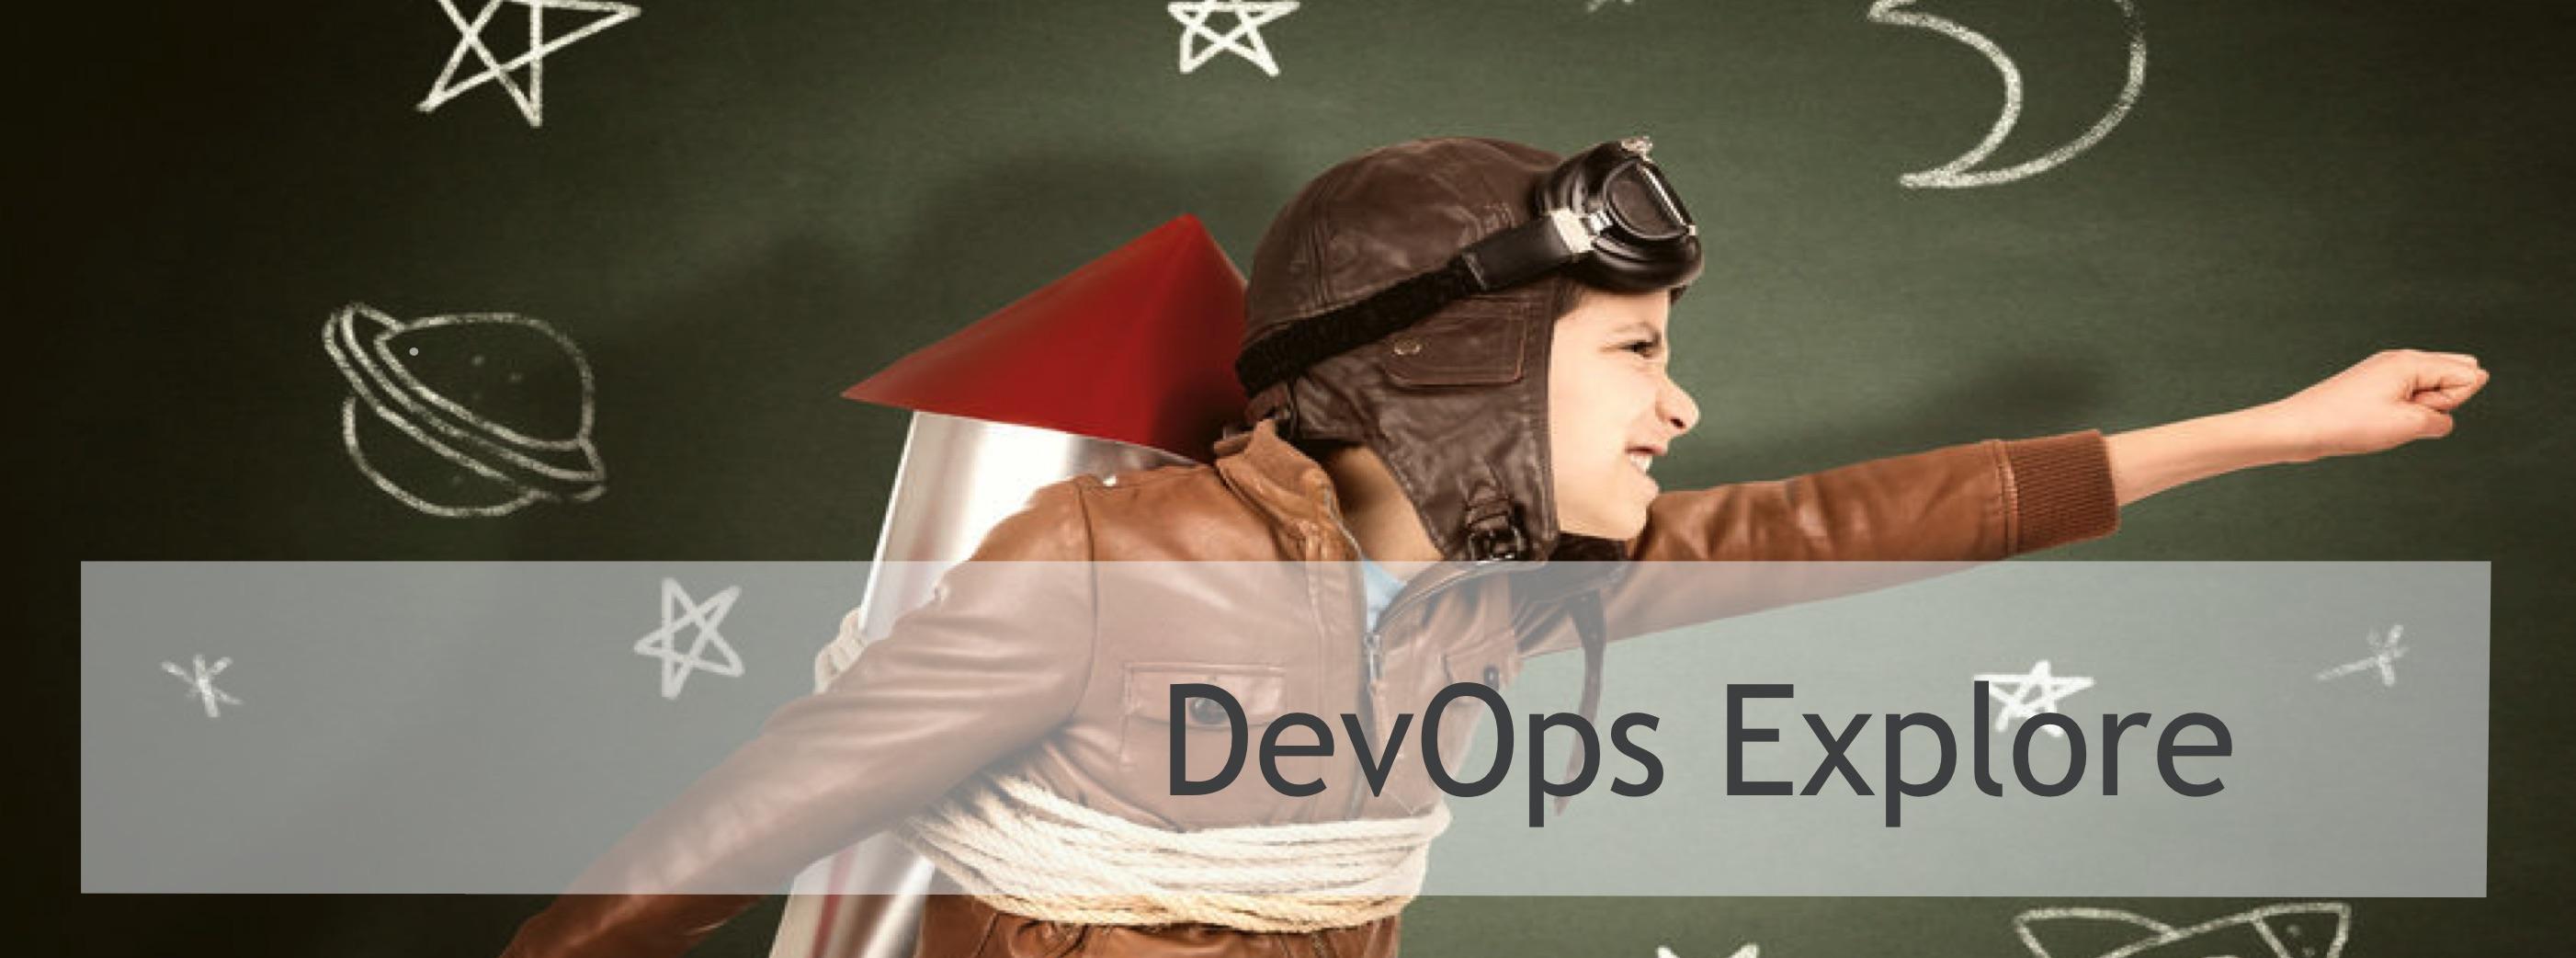 DevOps Explore Banner.jpg